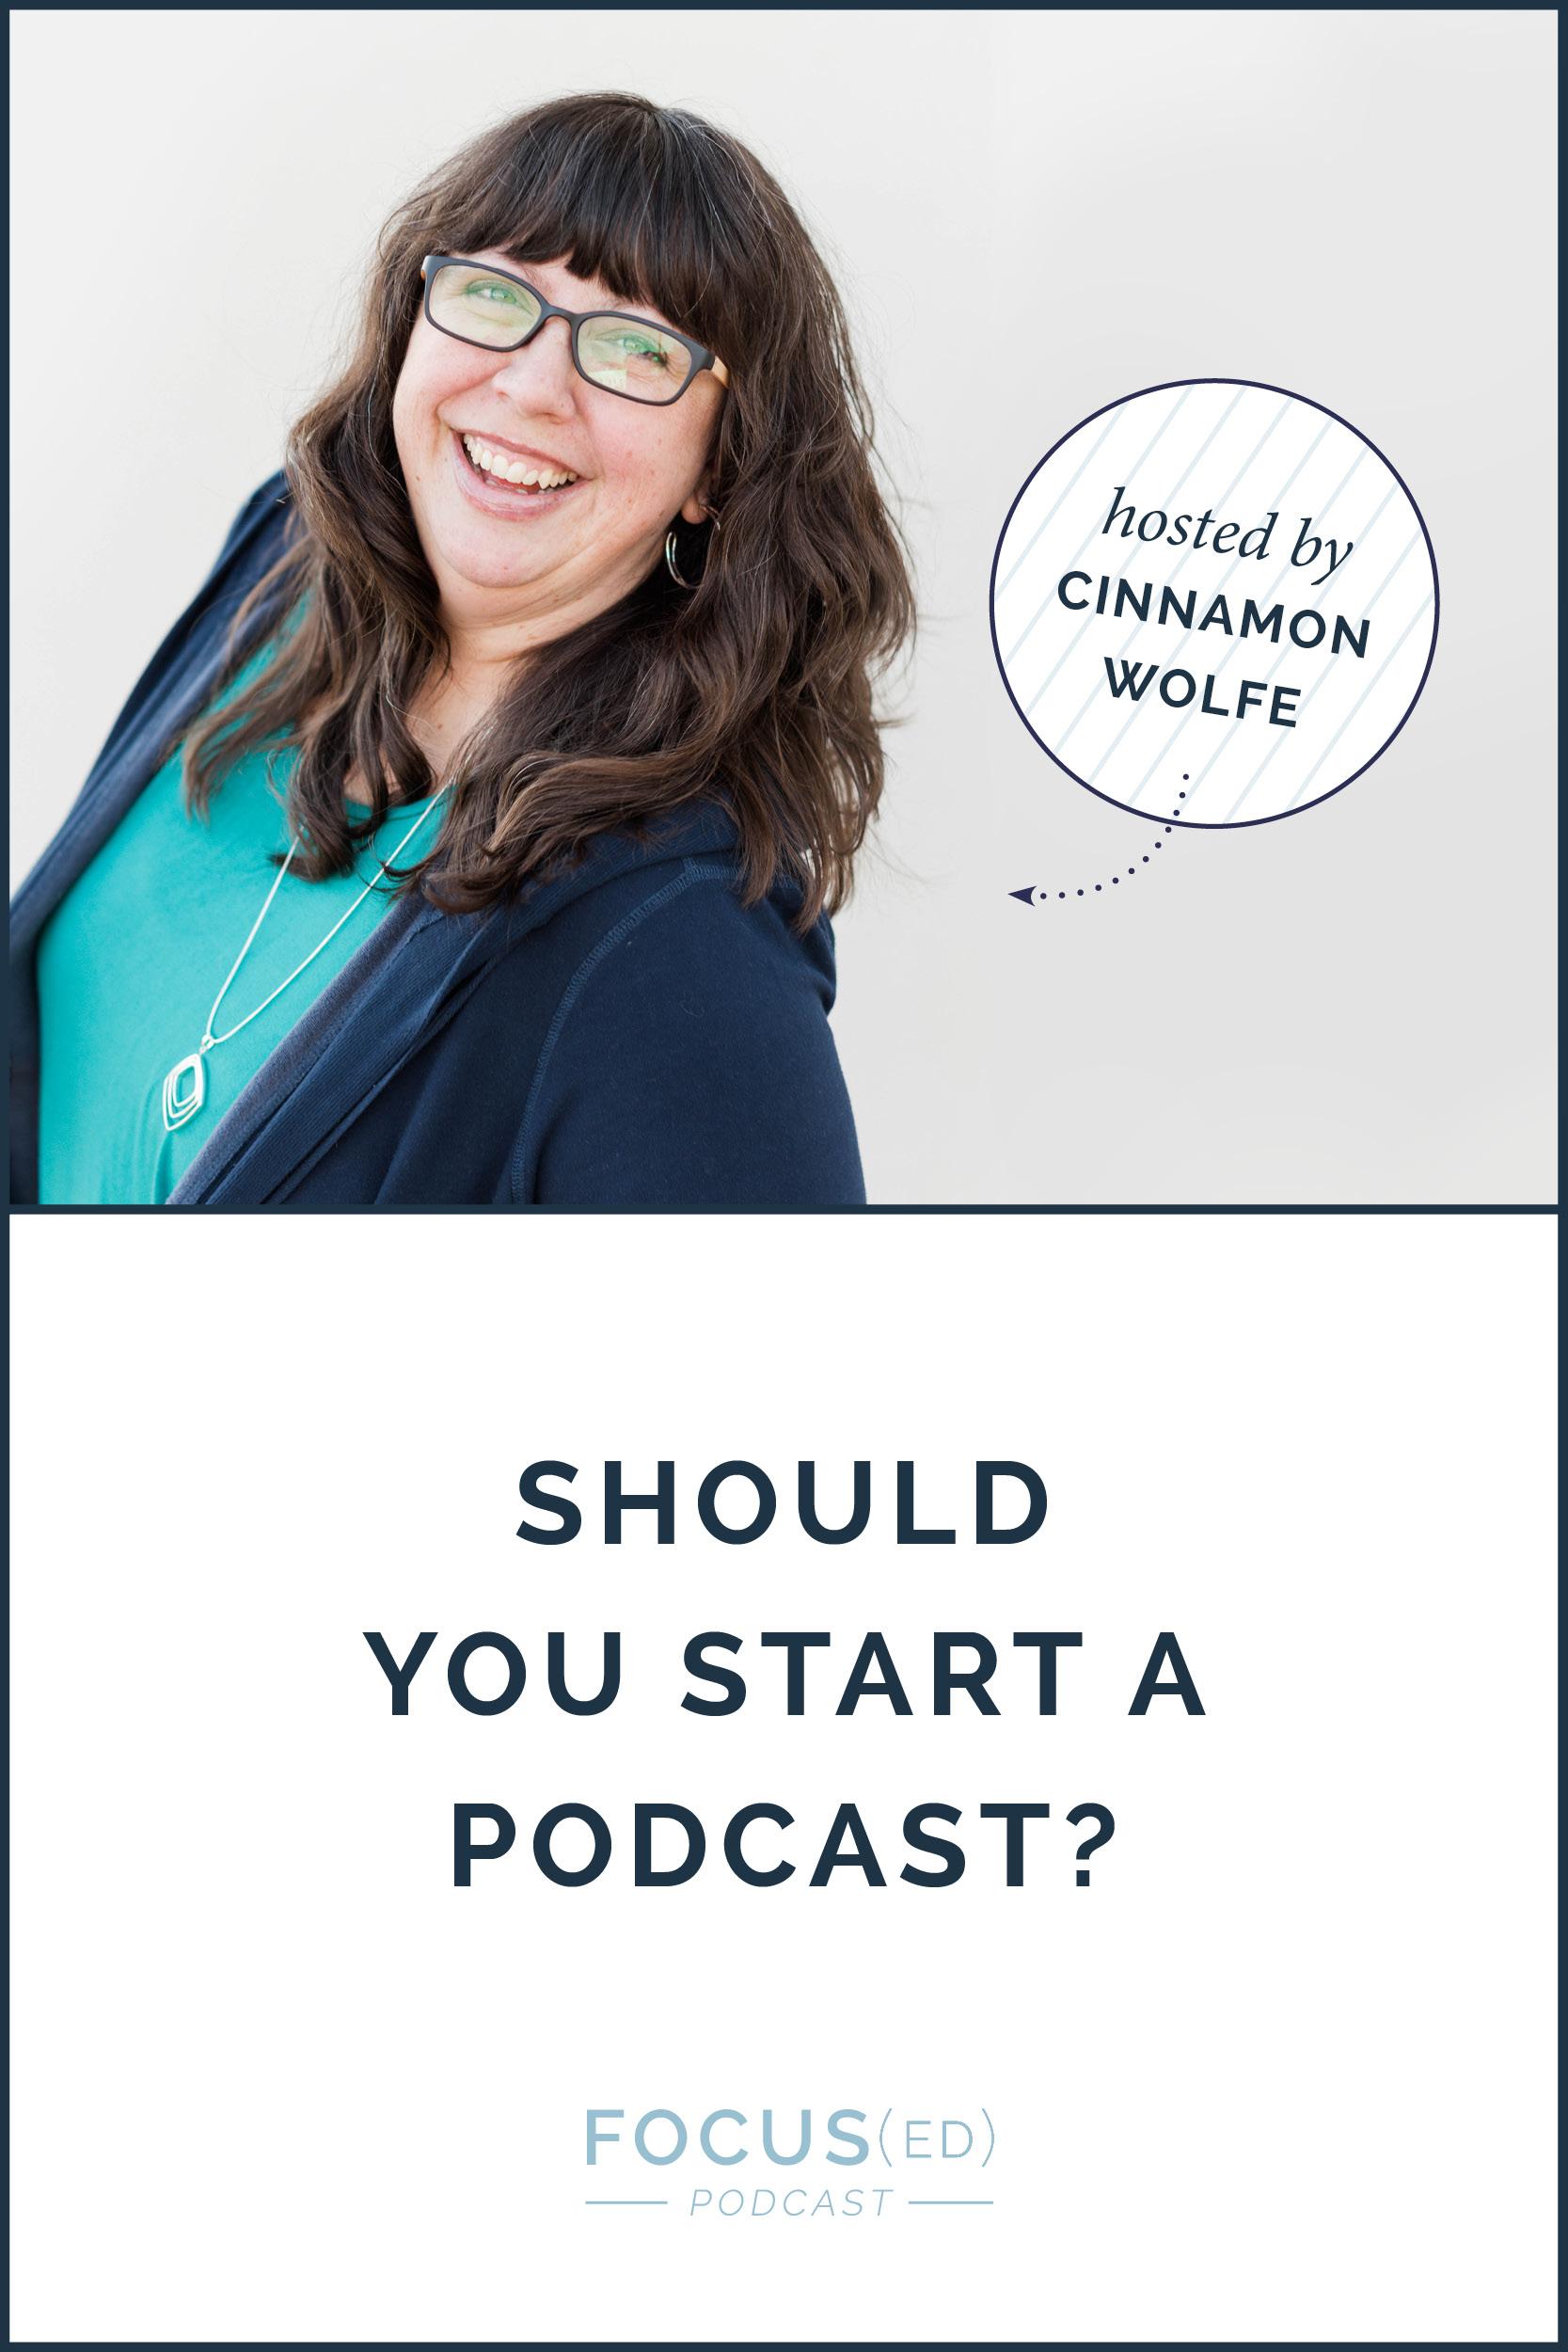 Focused blog - Should you start a podcast2.jpg